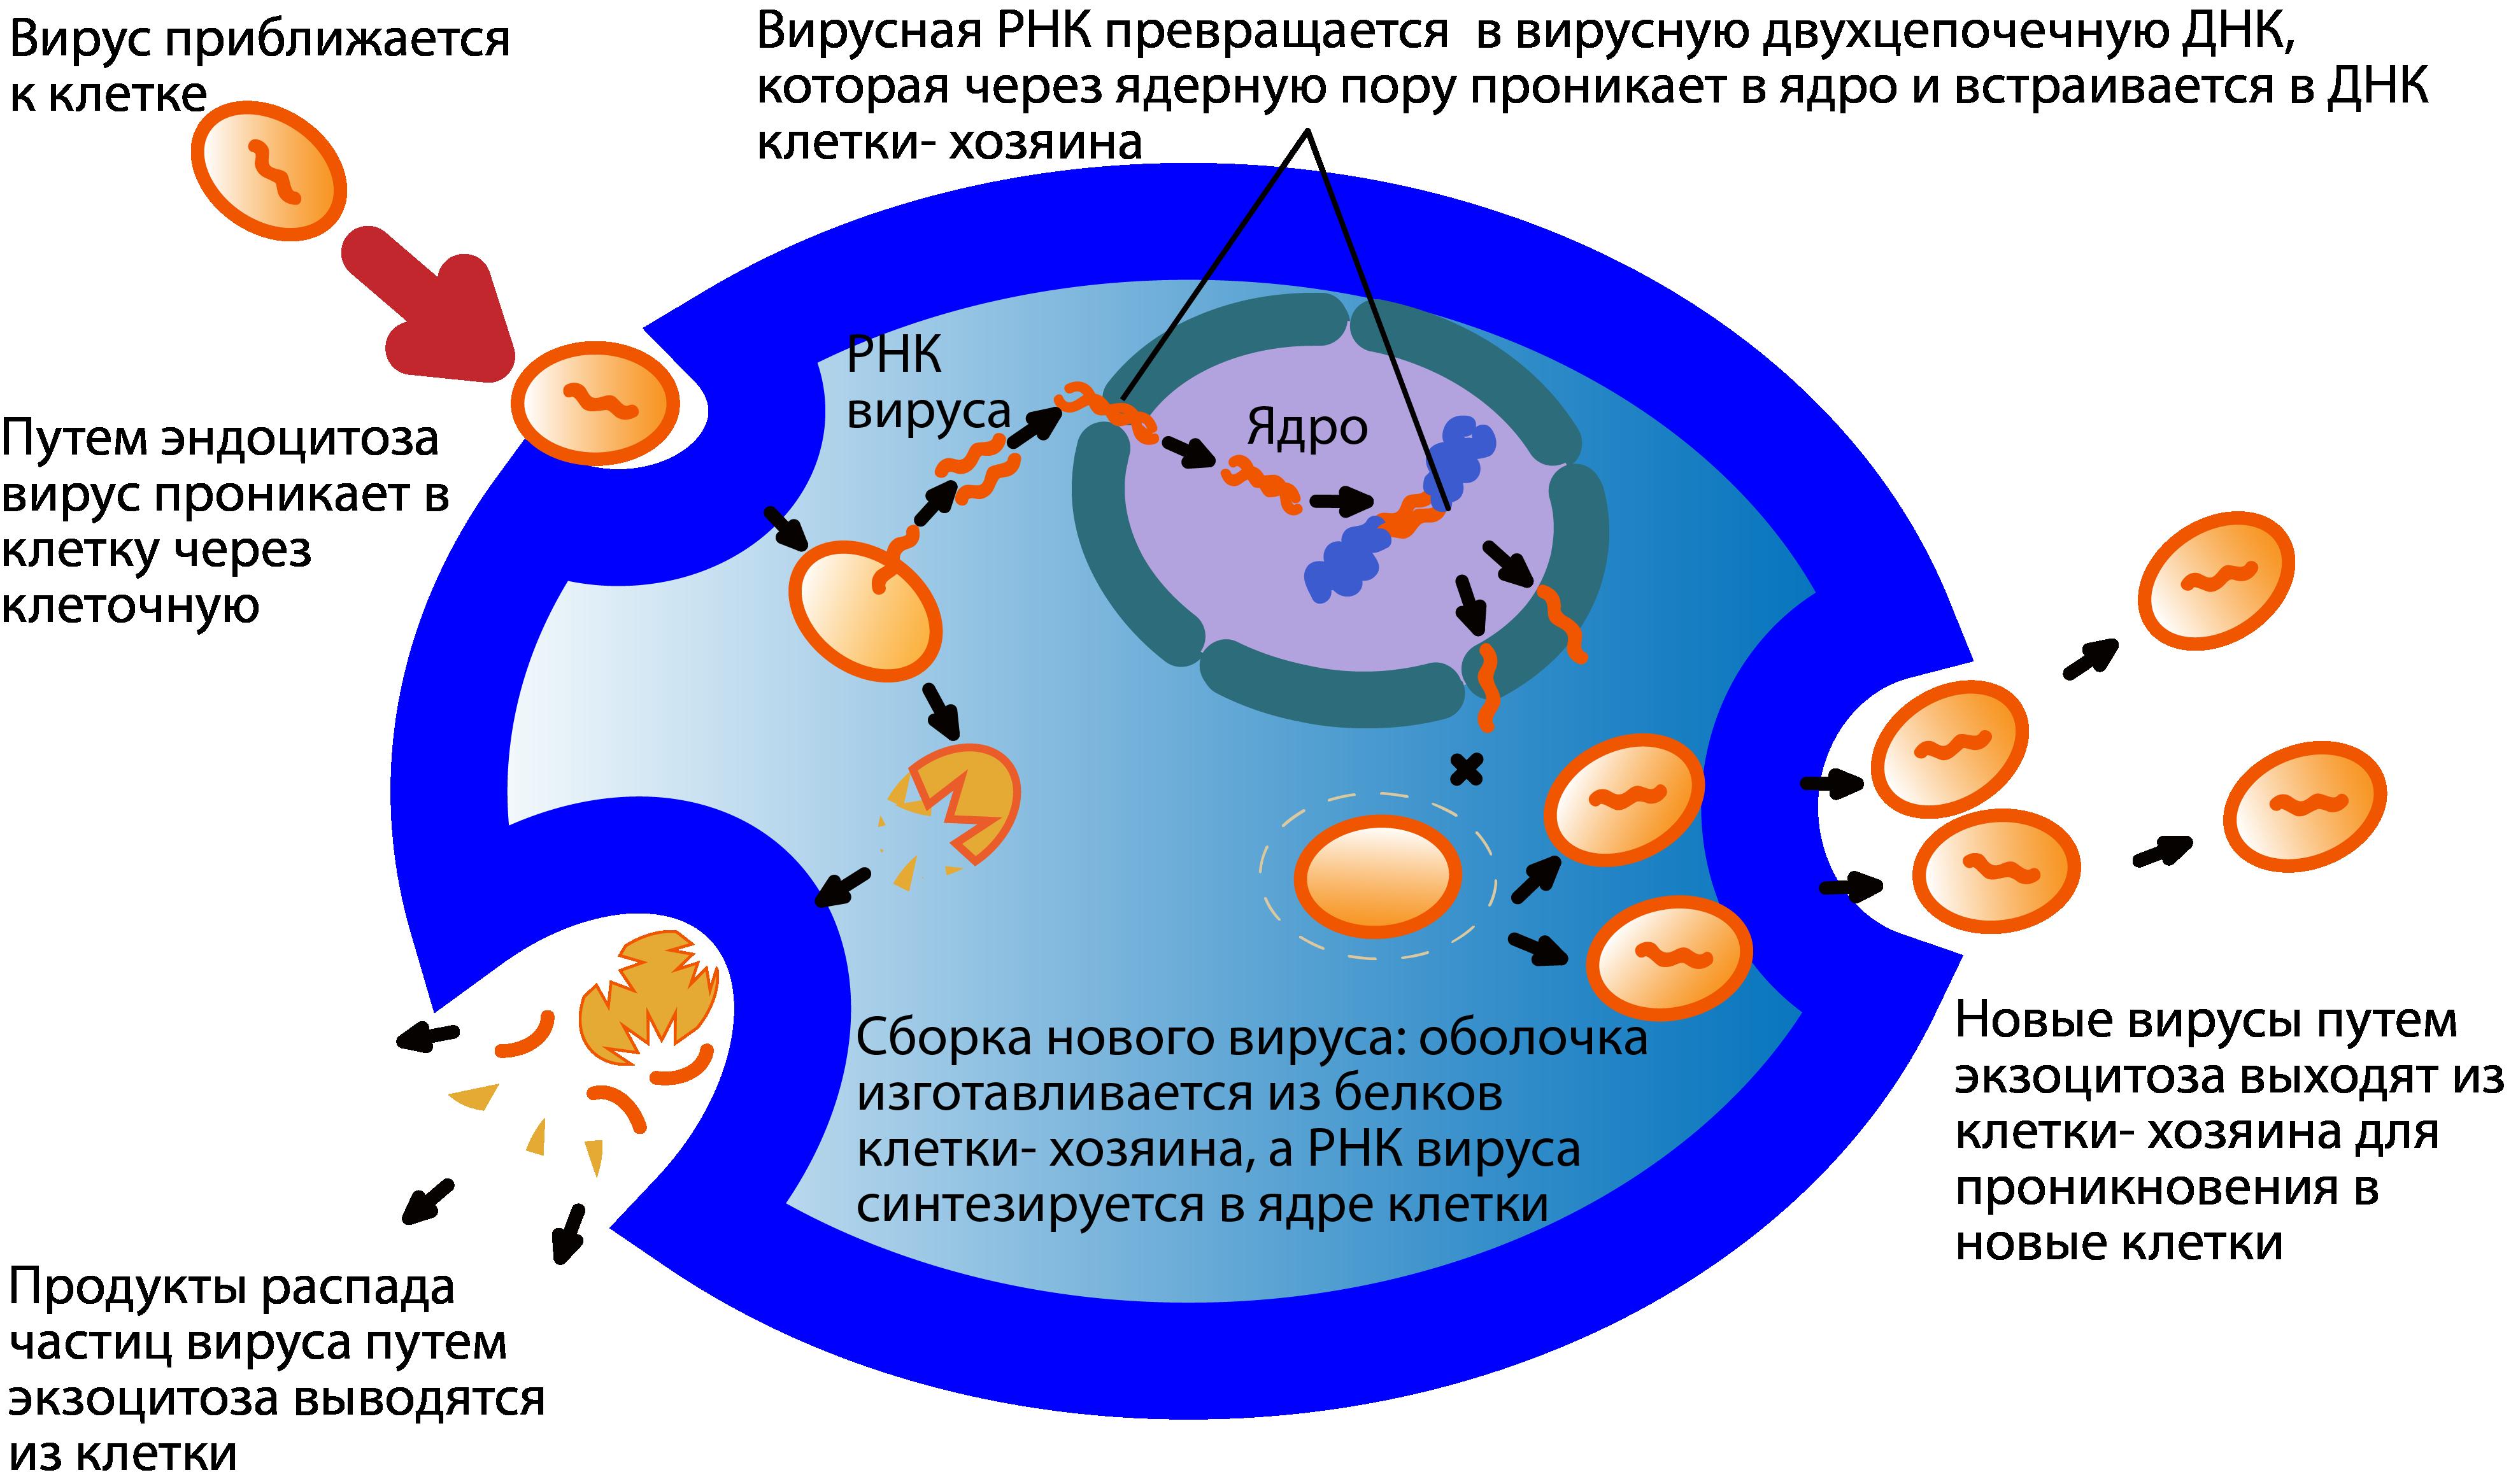 вирус проникает и живет в клетке